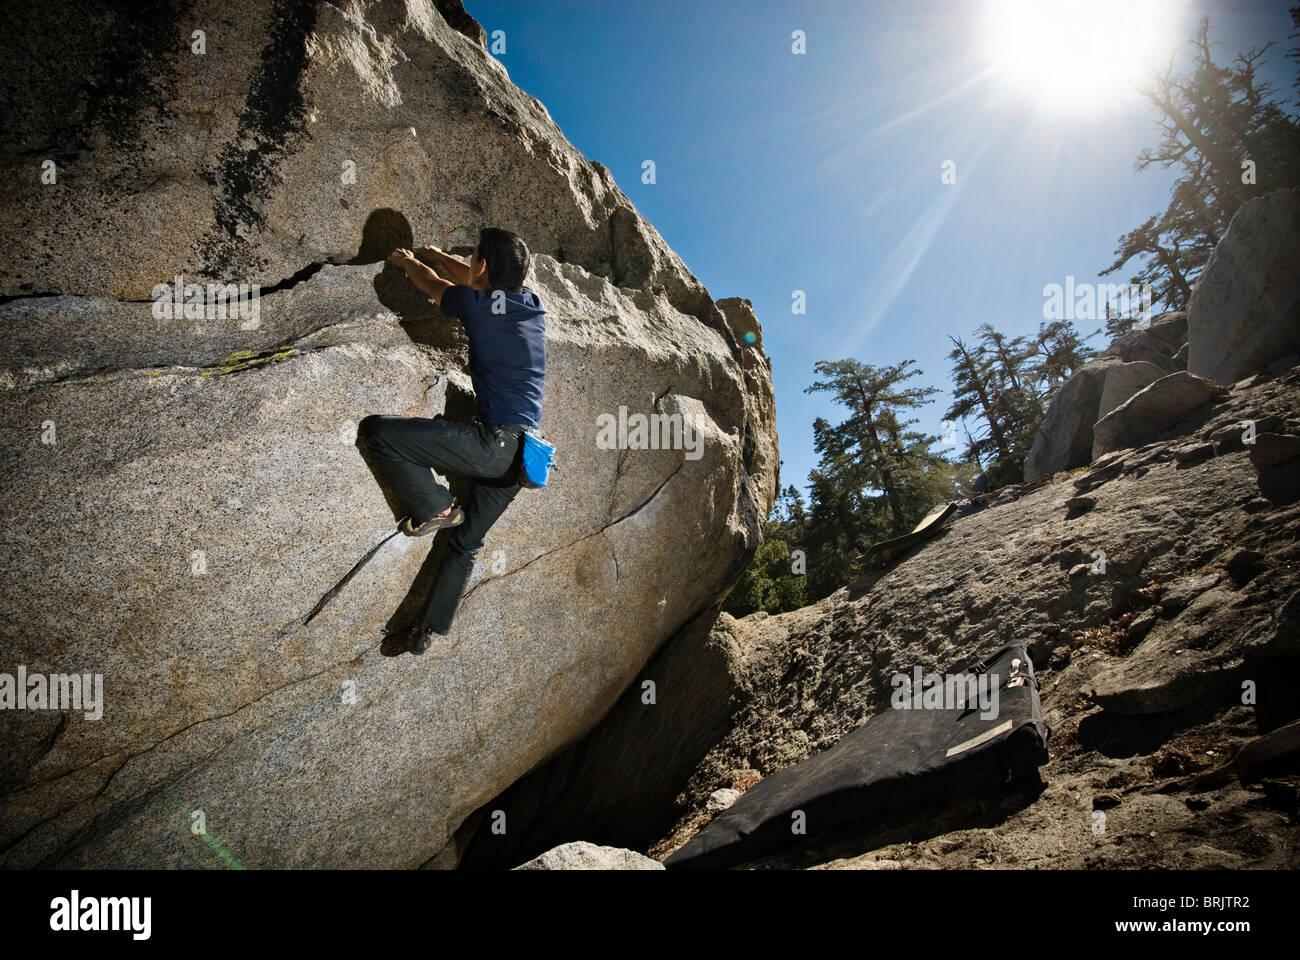 Un hombre asiático-estadounidense rock sube un problema de Boulder en el Tranvía, Palm Springs, CA. Foto de stock